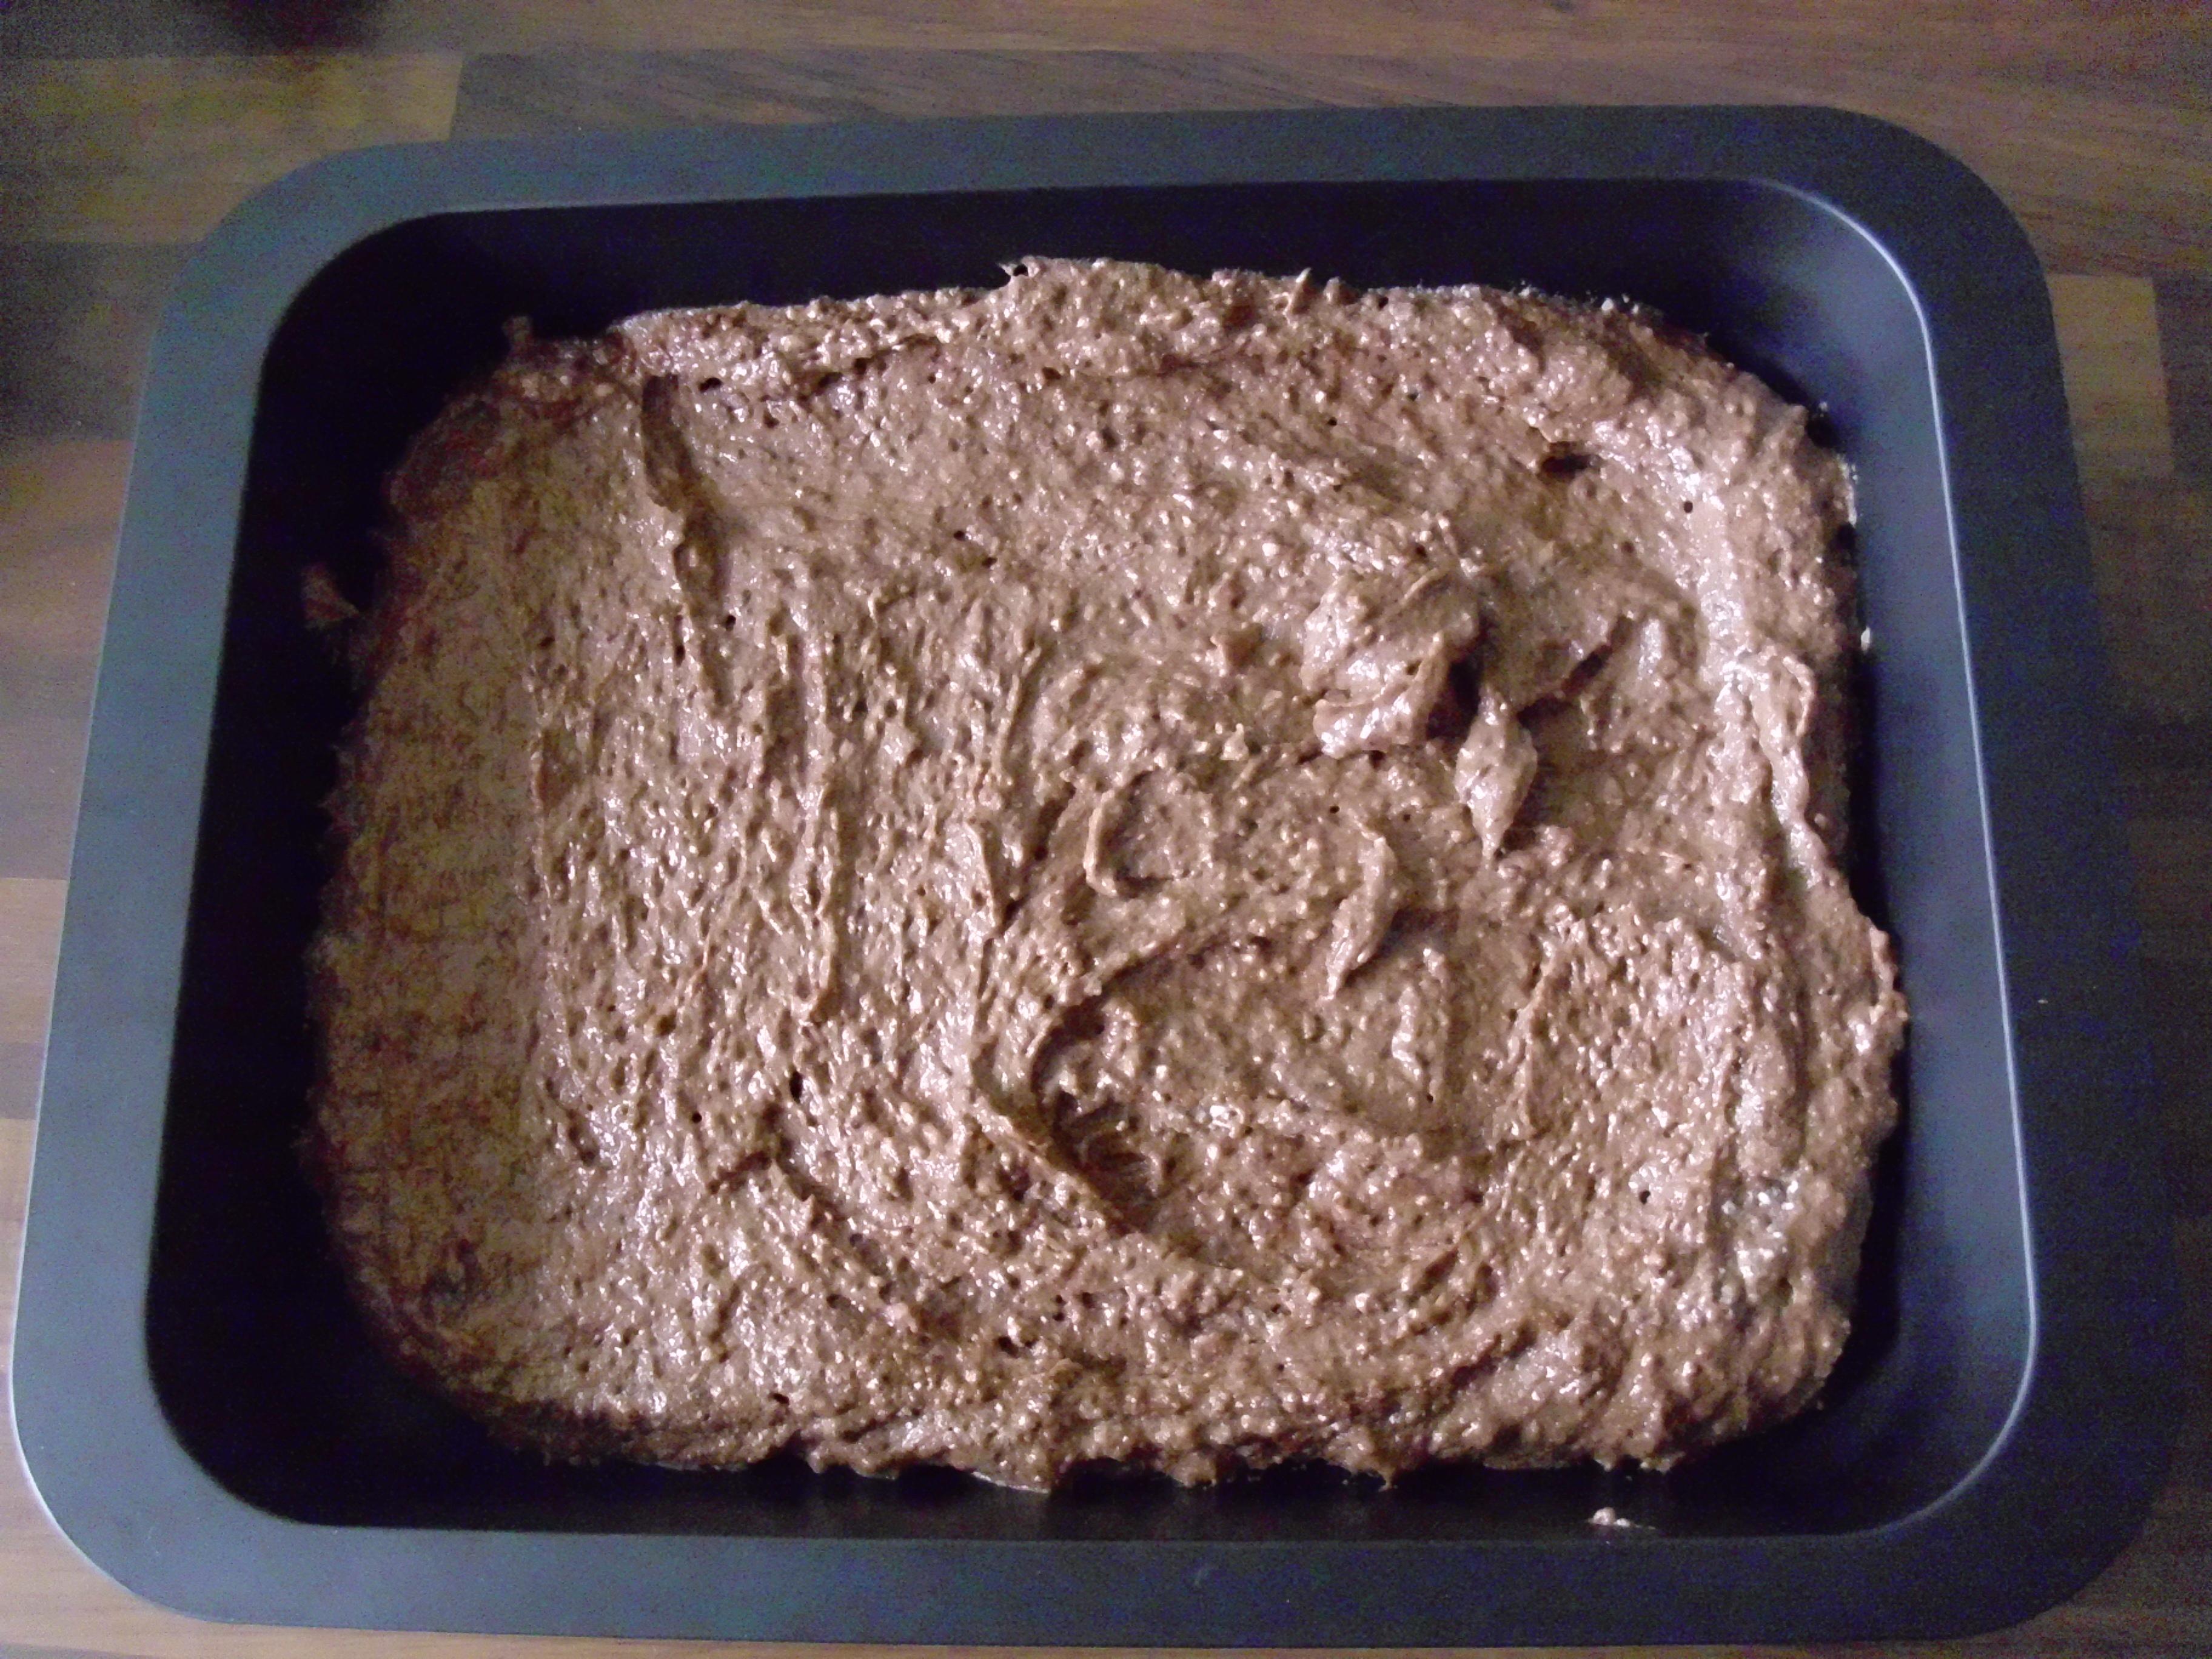 Der rohe Kuchenteig in einem teflonbeschichtetem Backblech, das etwa halb so groß wie der Ofen ist